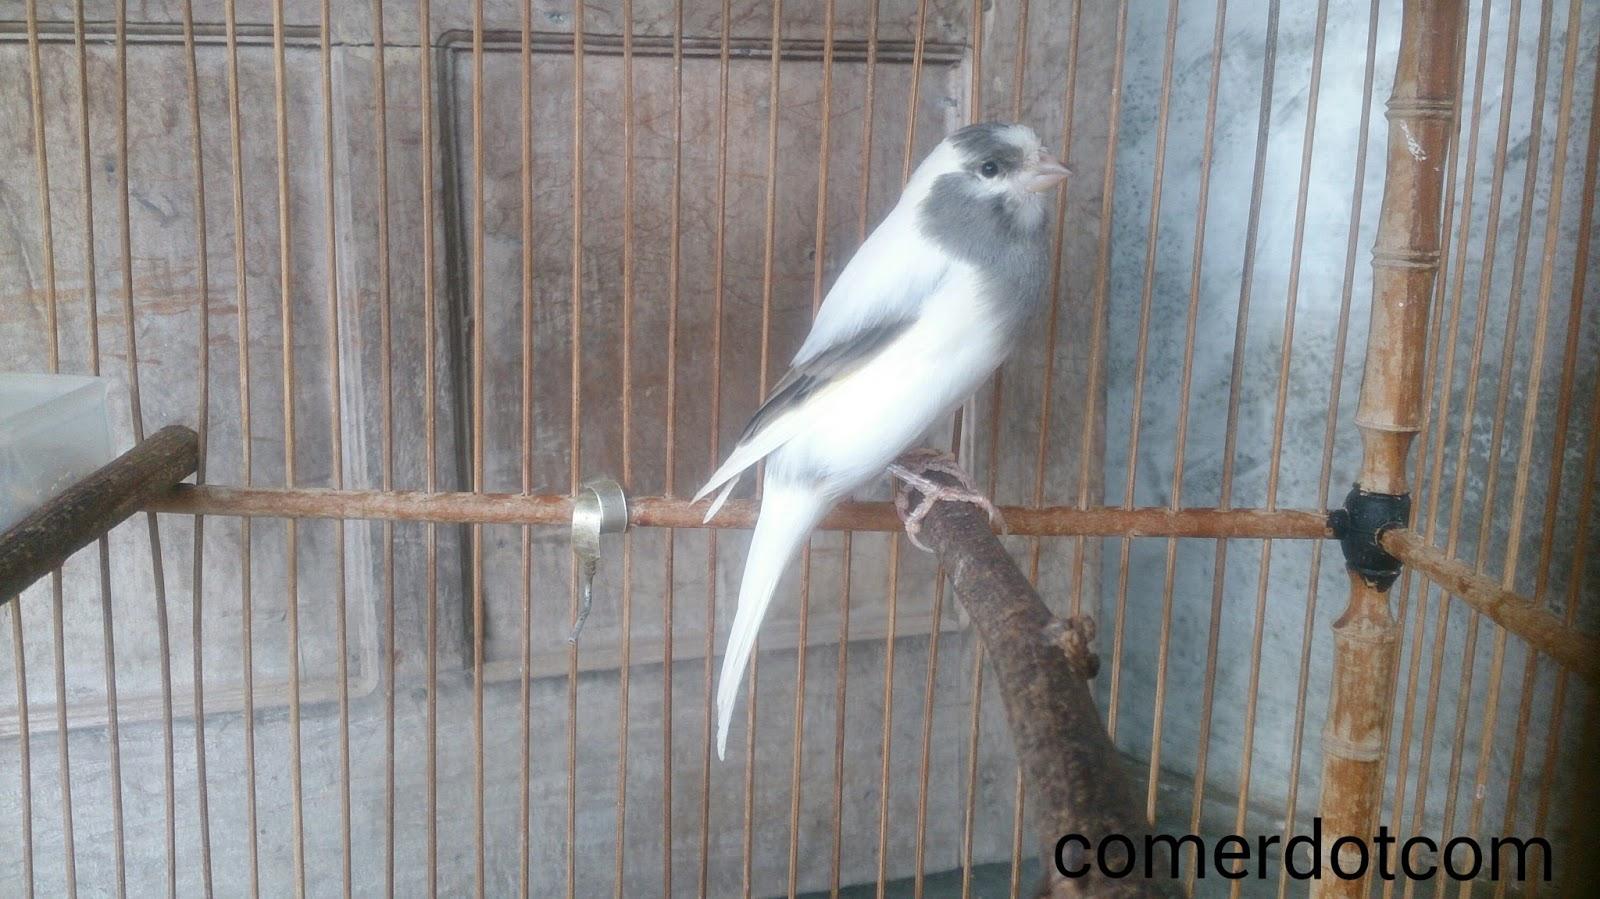 Unduh 540+ Foto Gambar Burung Gereja Anakan Jantan HD Terbaru Gratis